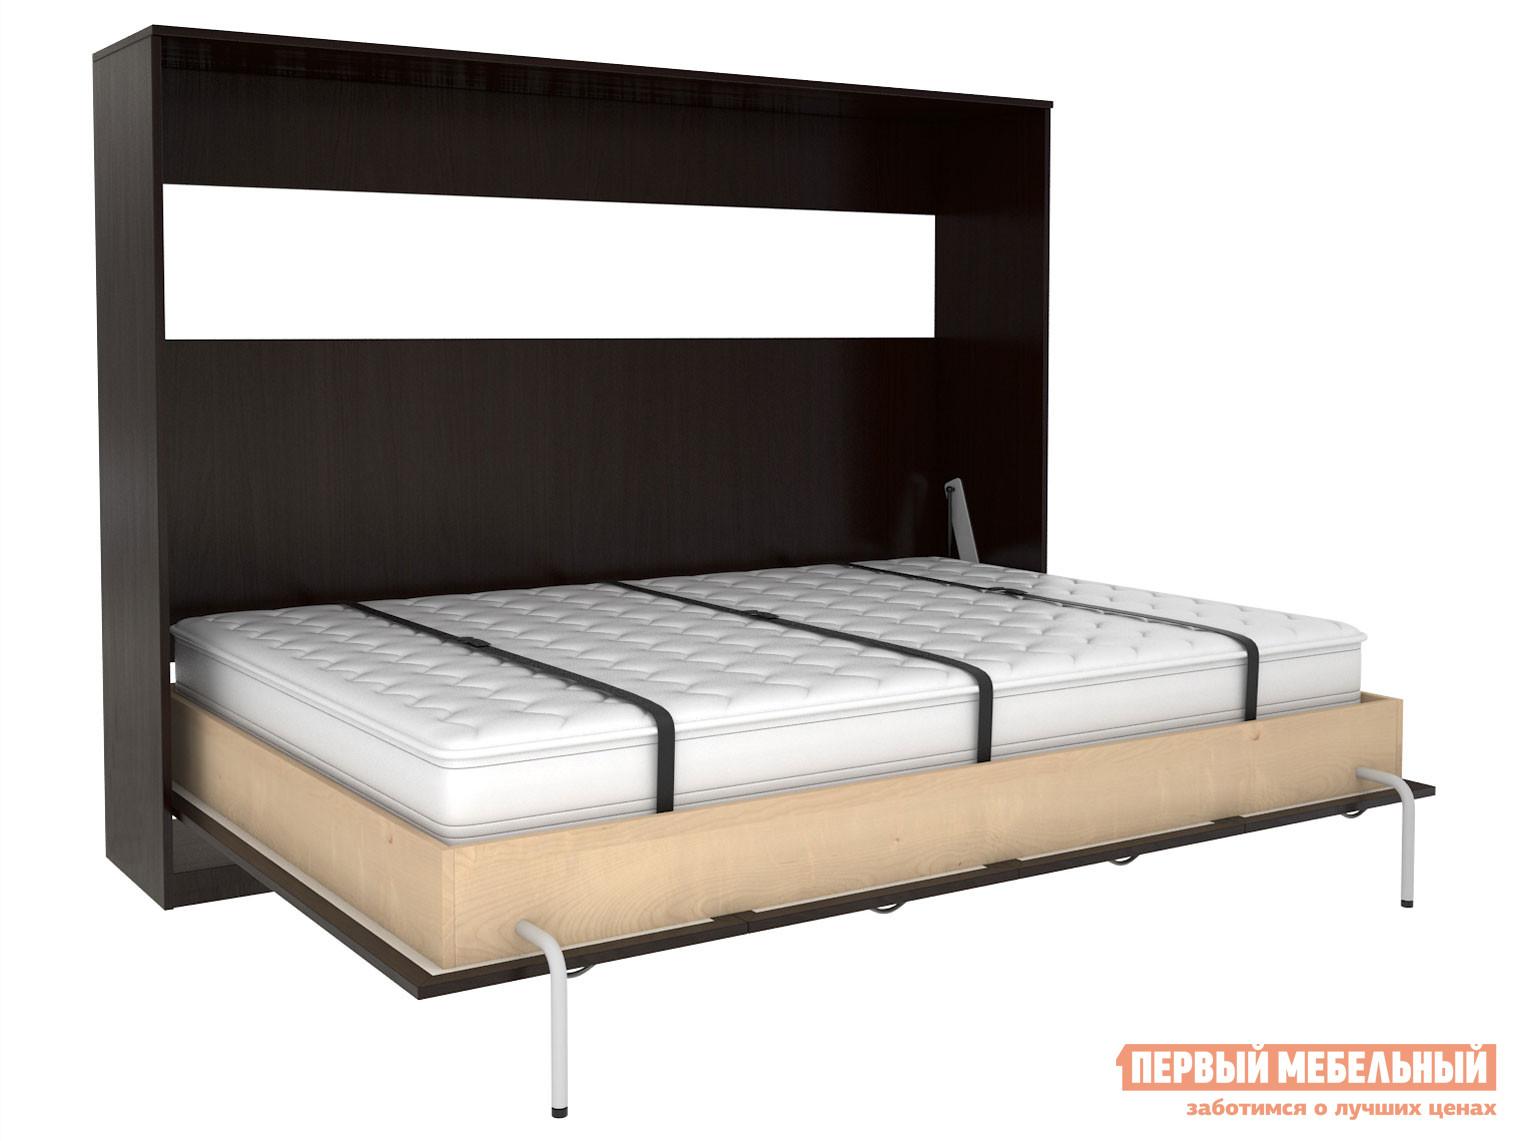 Двуспальная кровать-трансформер Первый Мебельный Мерлен К06-К07